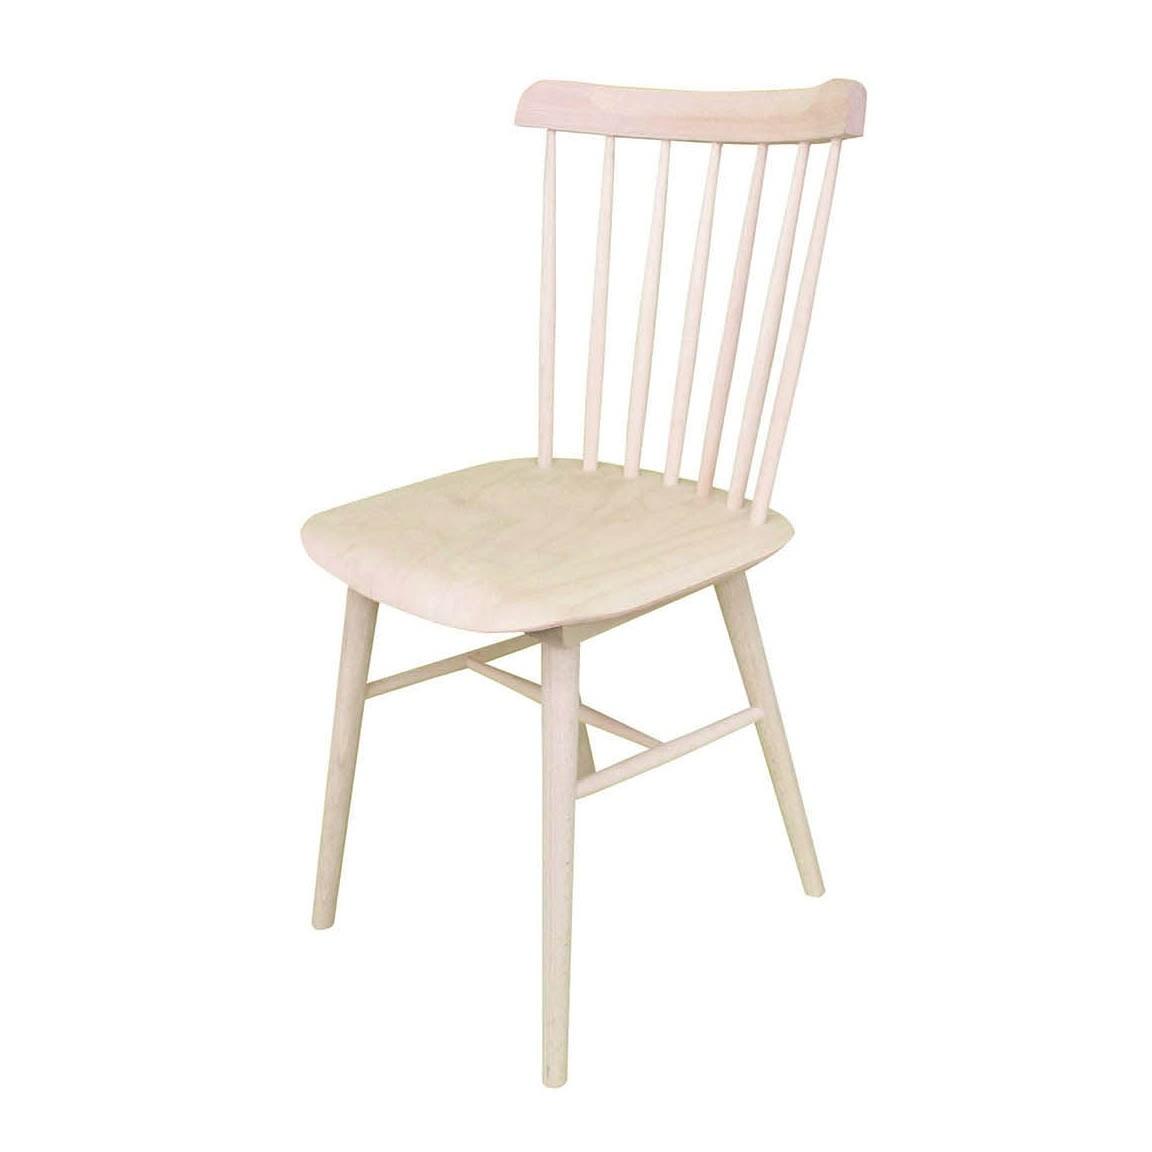 Pintar sillas de madera en blanco simple gallery of - Pintar sillas de madera ...